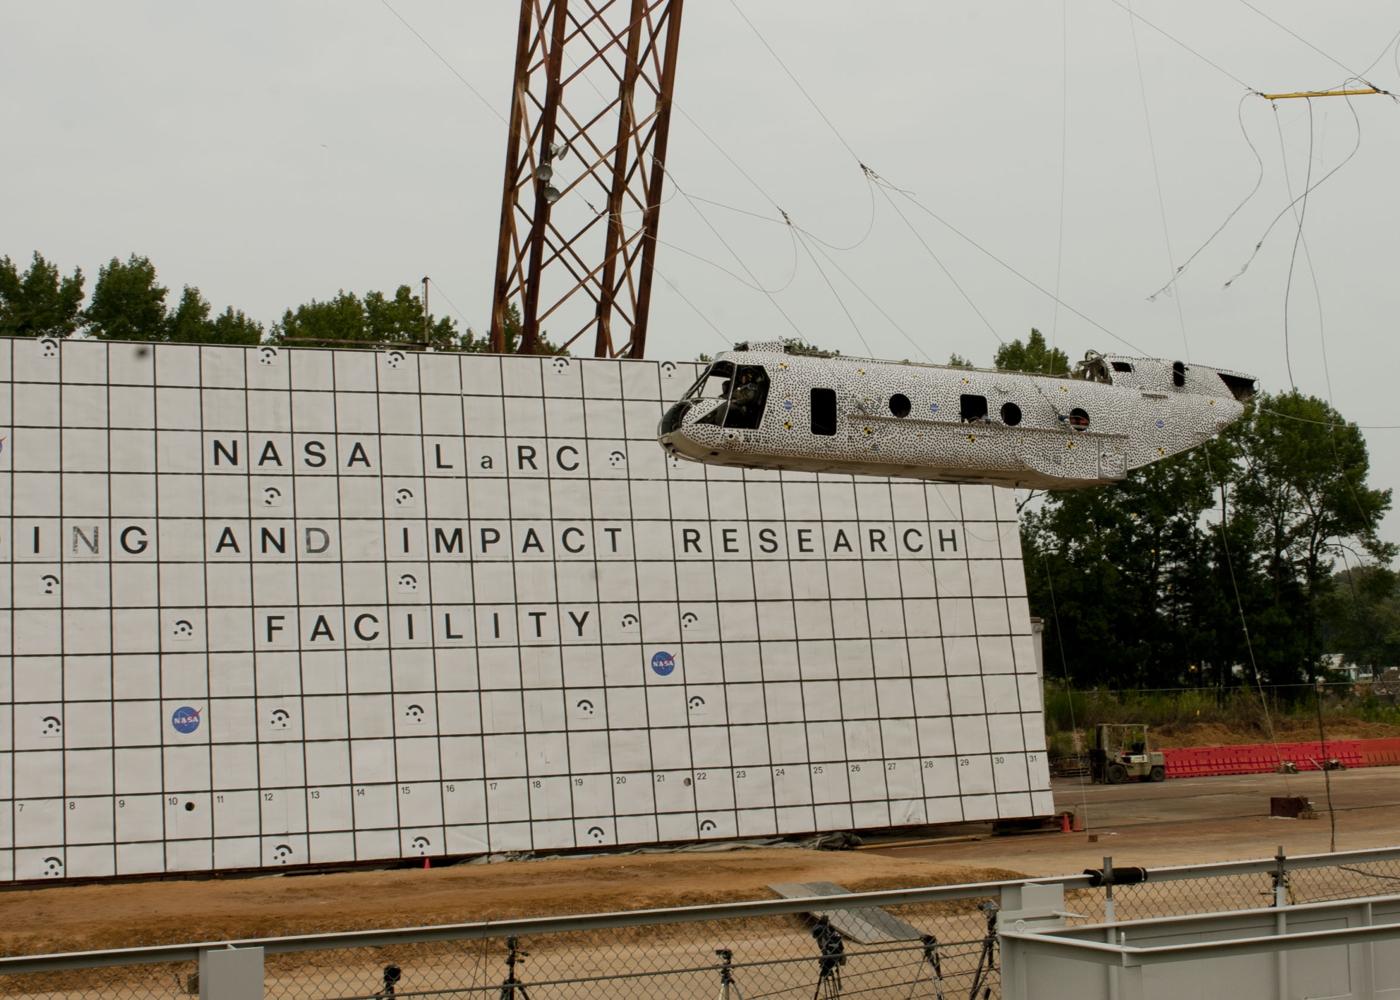 NASA Landing and Impact Research Facility